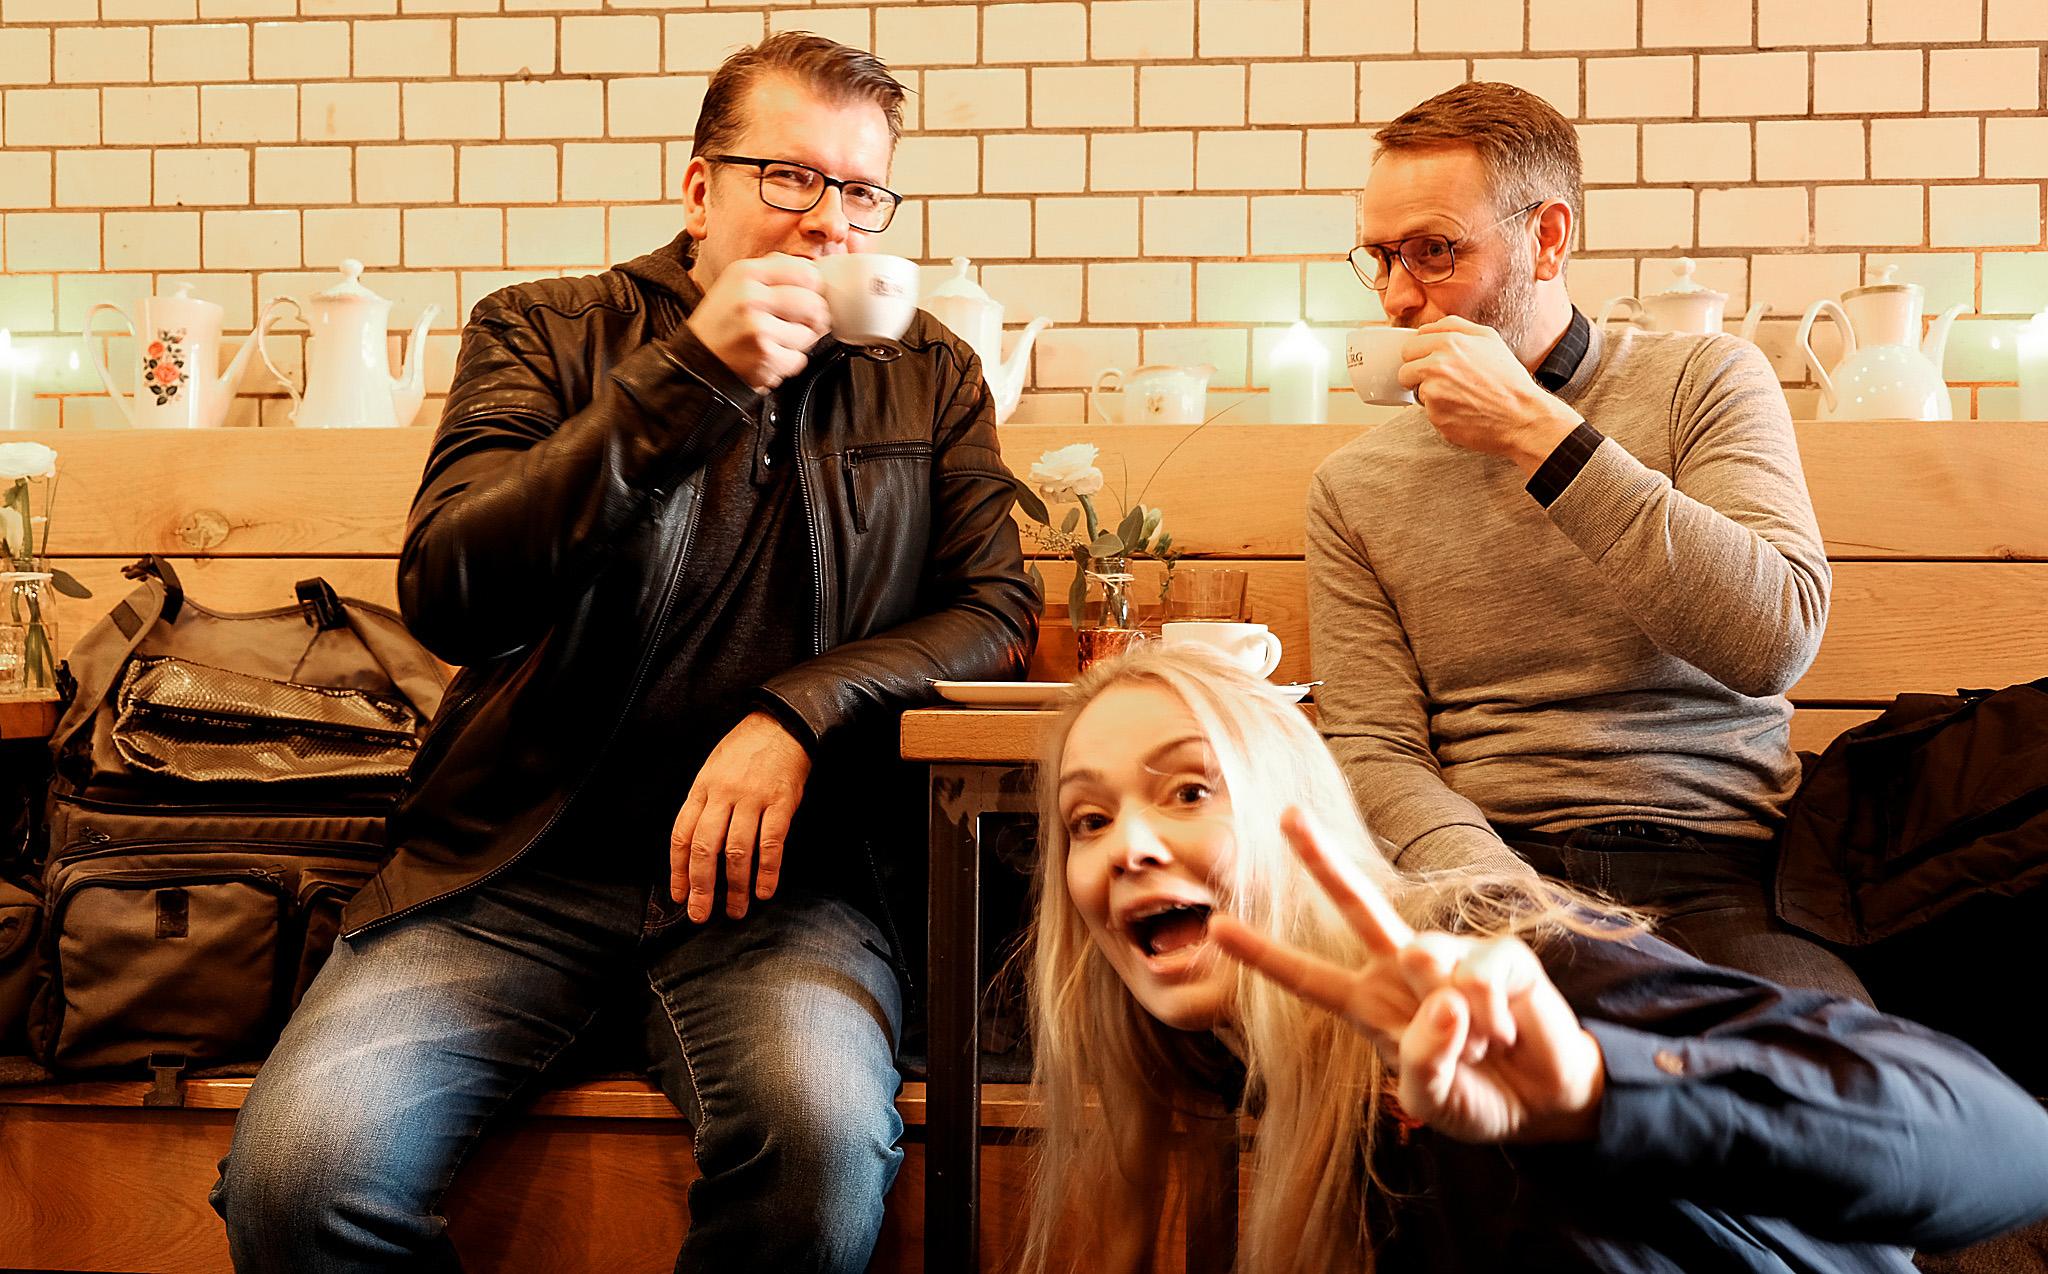 Foto: Bianca - Während Guido (rechts) von BenQ und ich (links) unseren Kaffee genossen, platzte Nathalie in die Fotoaufnahme. Eine echte Fotobombe! Großartig.